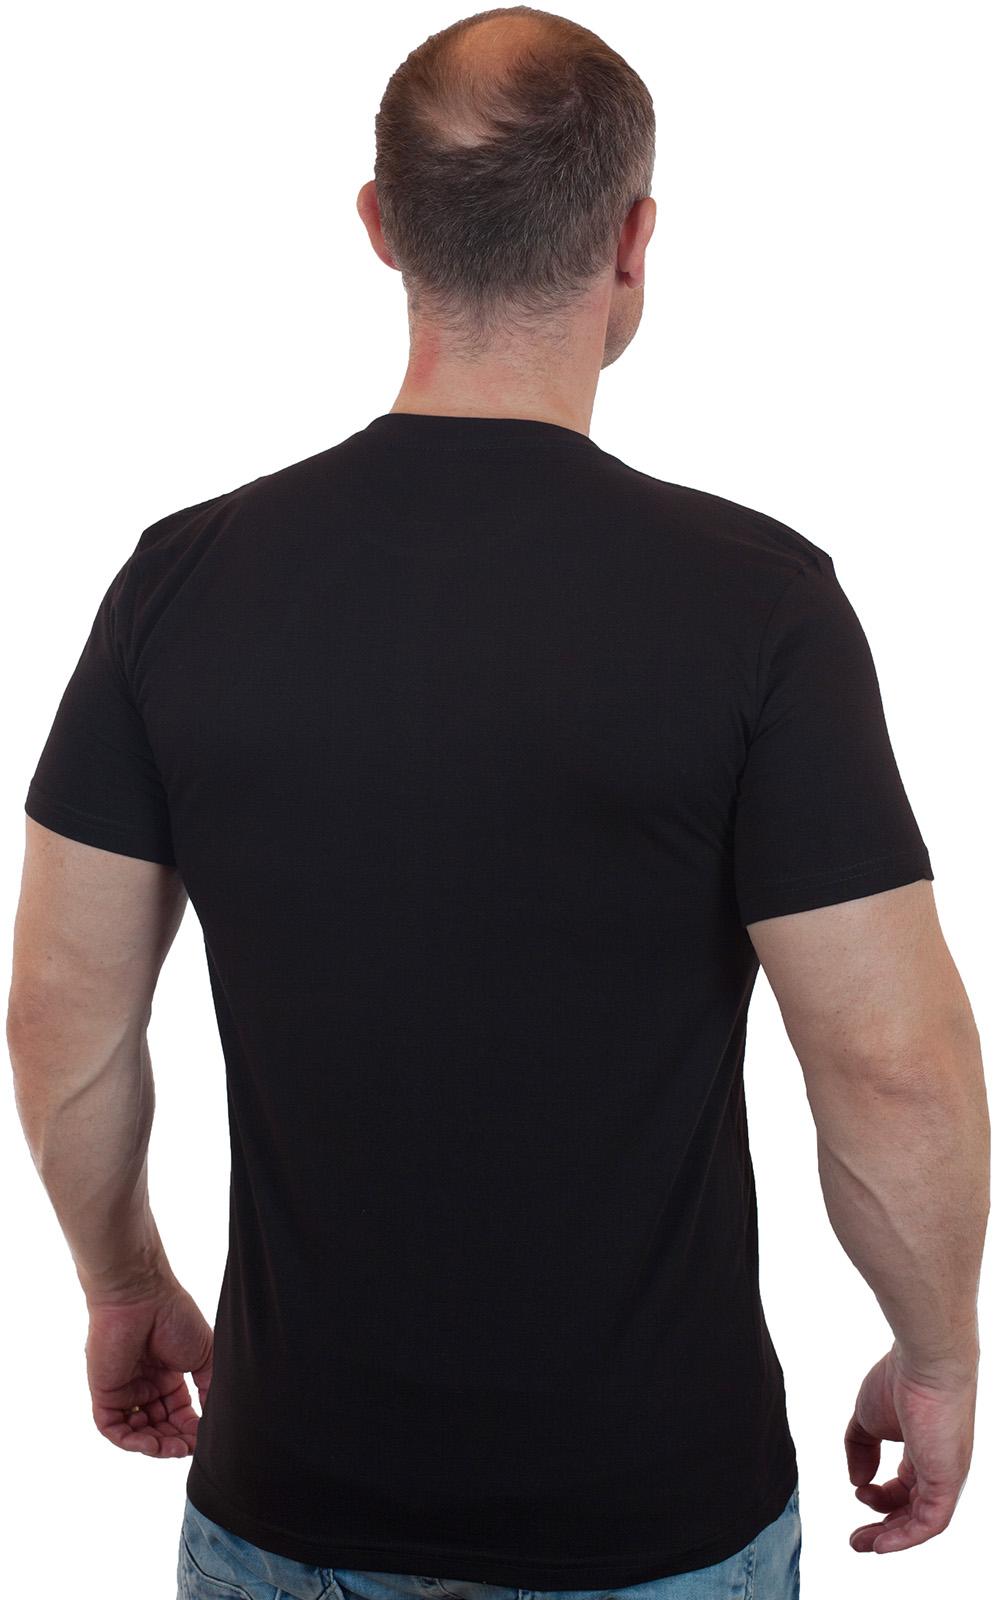 Черная крутая футболка с вышитым шевроном войска ПВО - купить онлайн